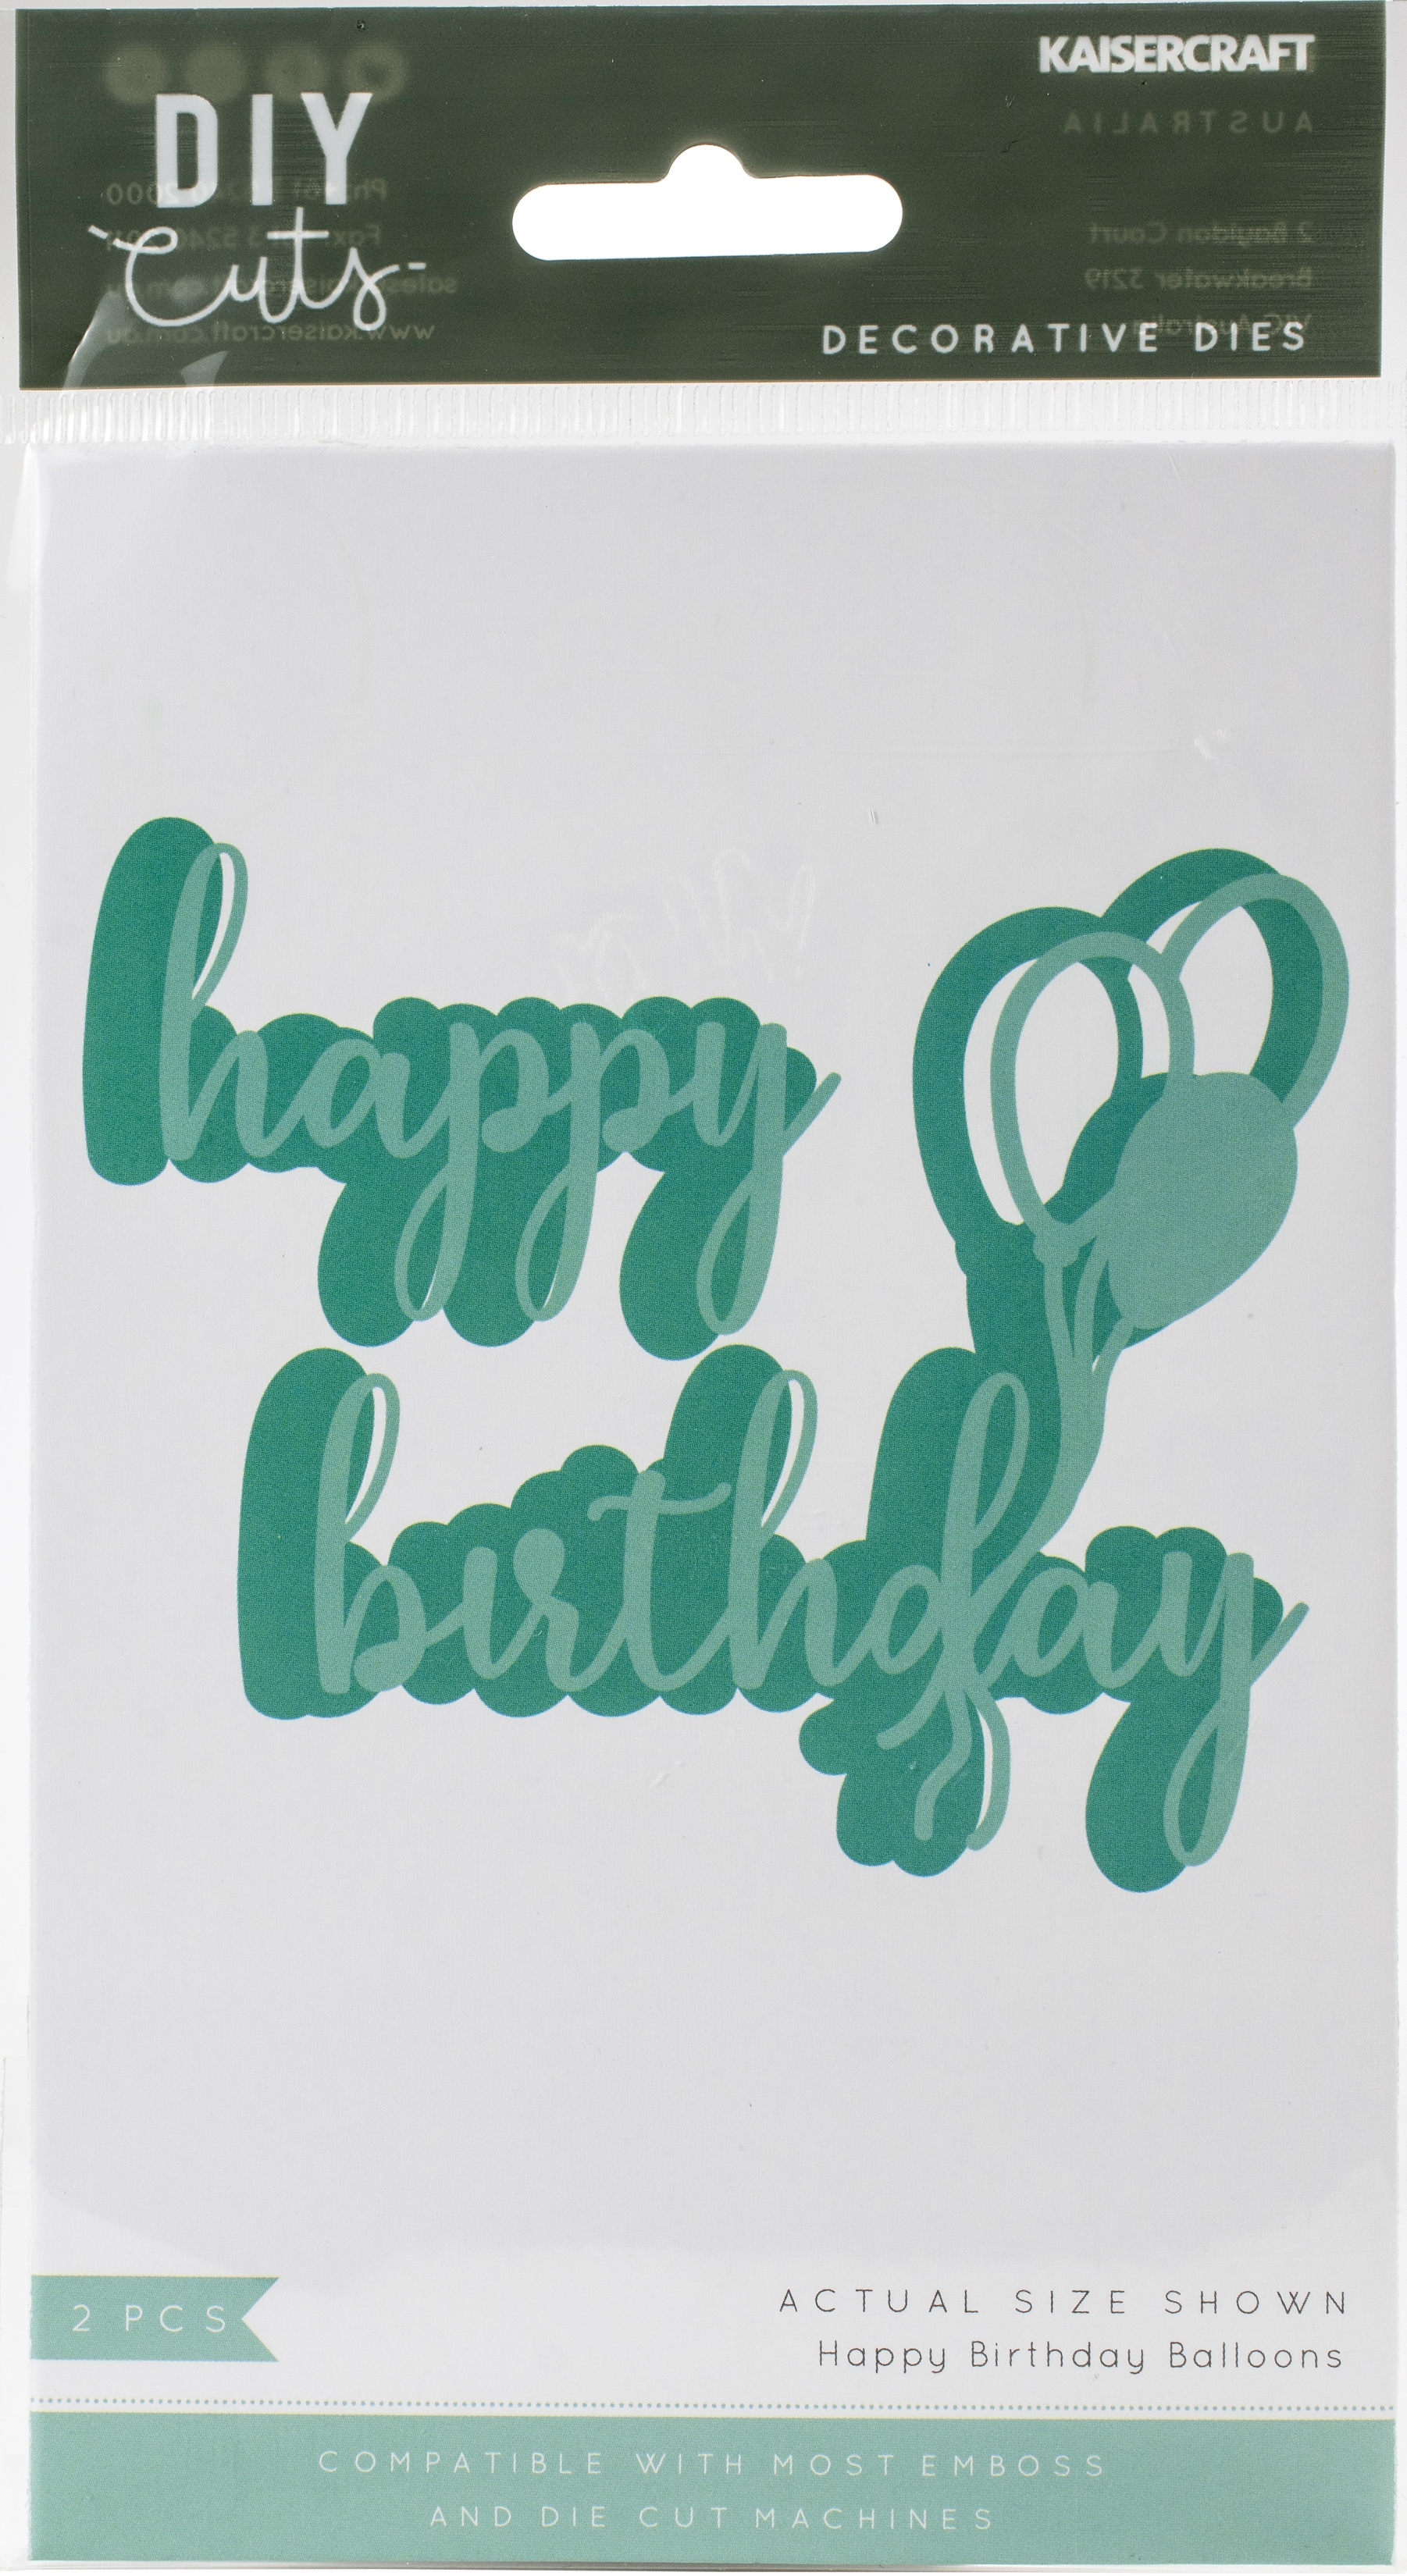 Kaisercraft Decorative Die-Happy Birthday Balloons